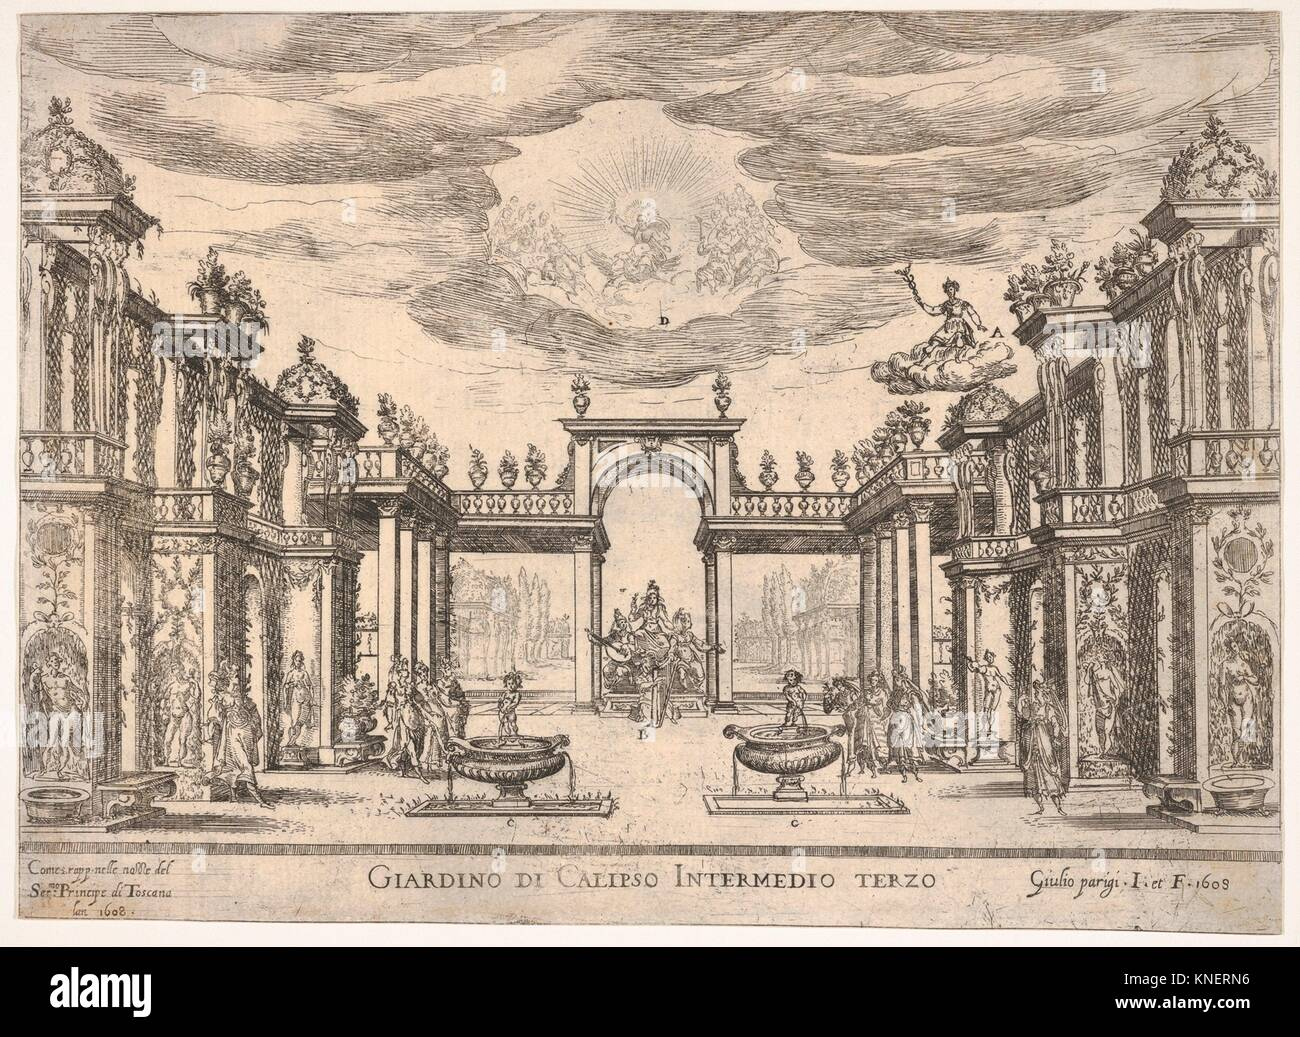 Sixth interlude: garden of Calypso (Intermedio sesto: giardino di Calipso), from the series 'Seven Interludes' - Stock Image